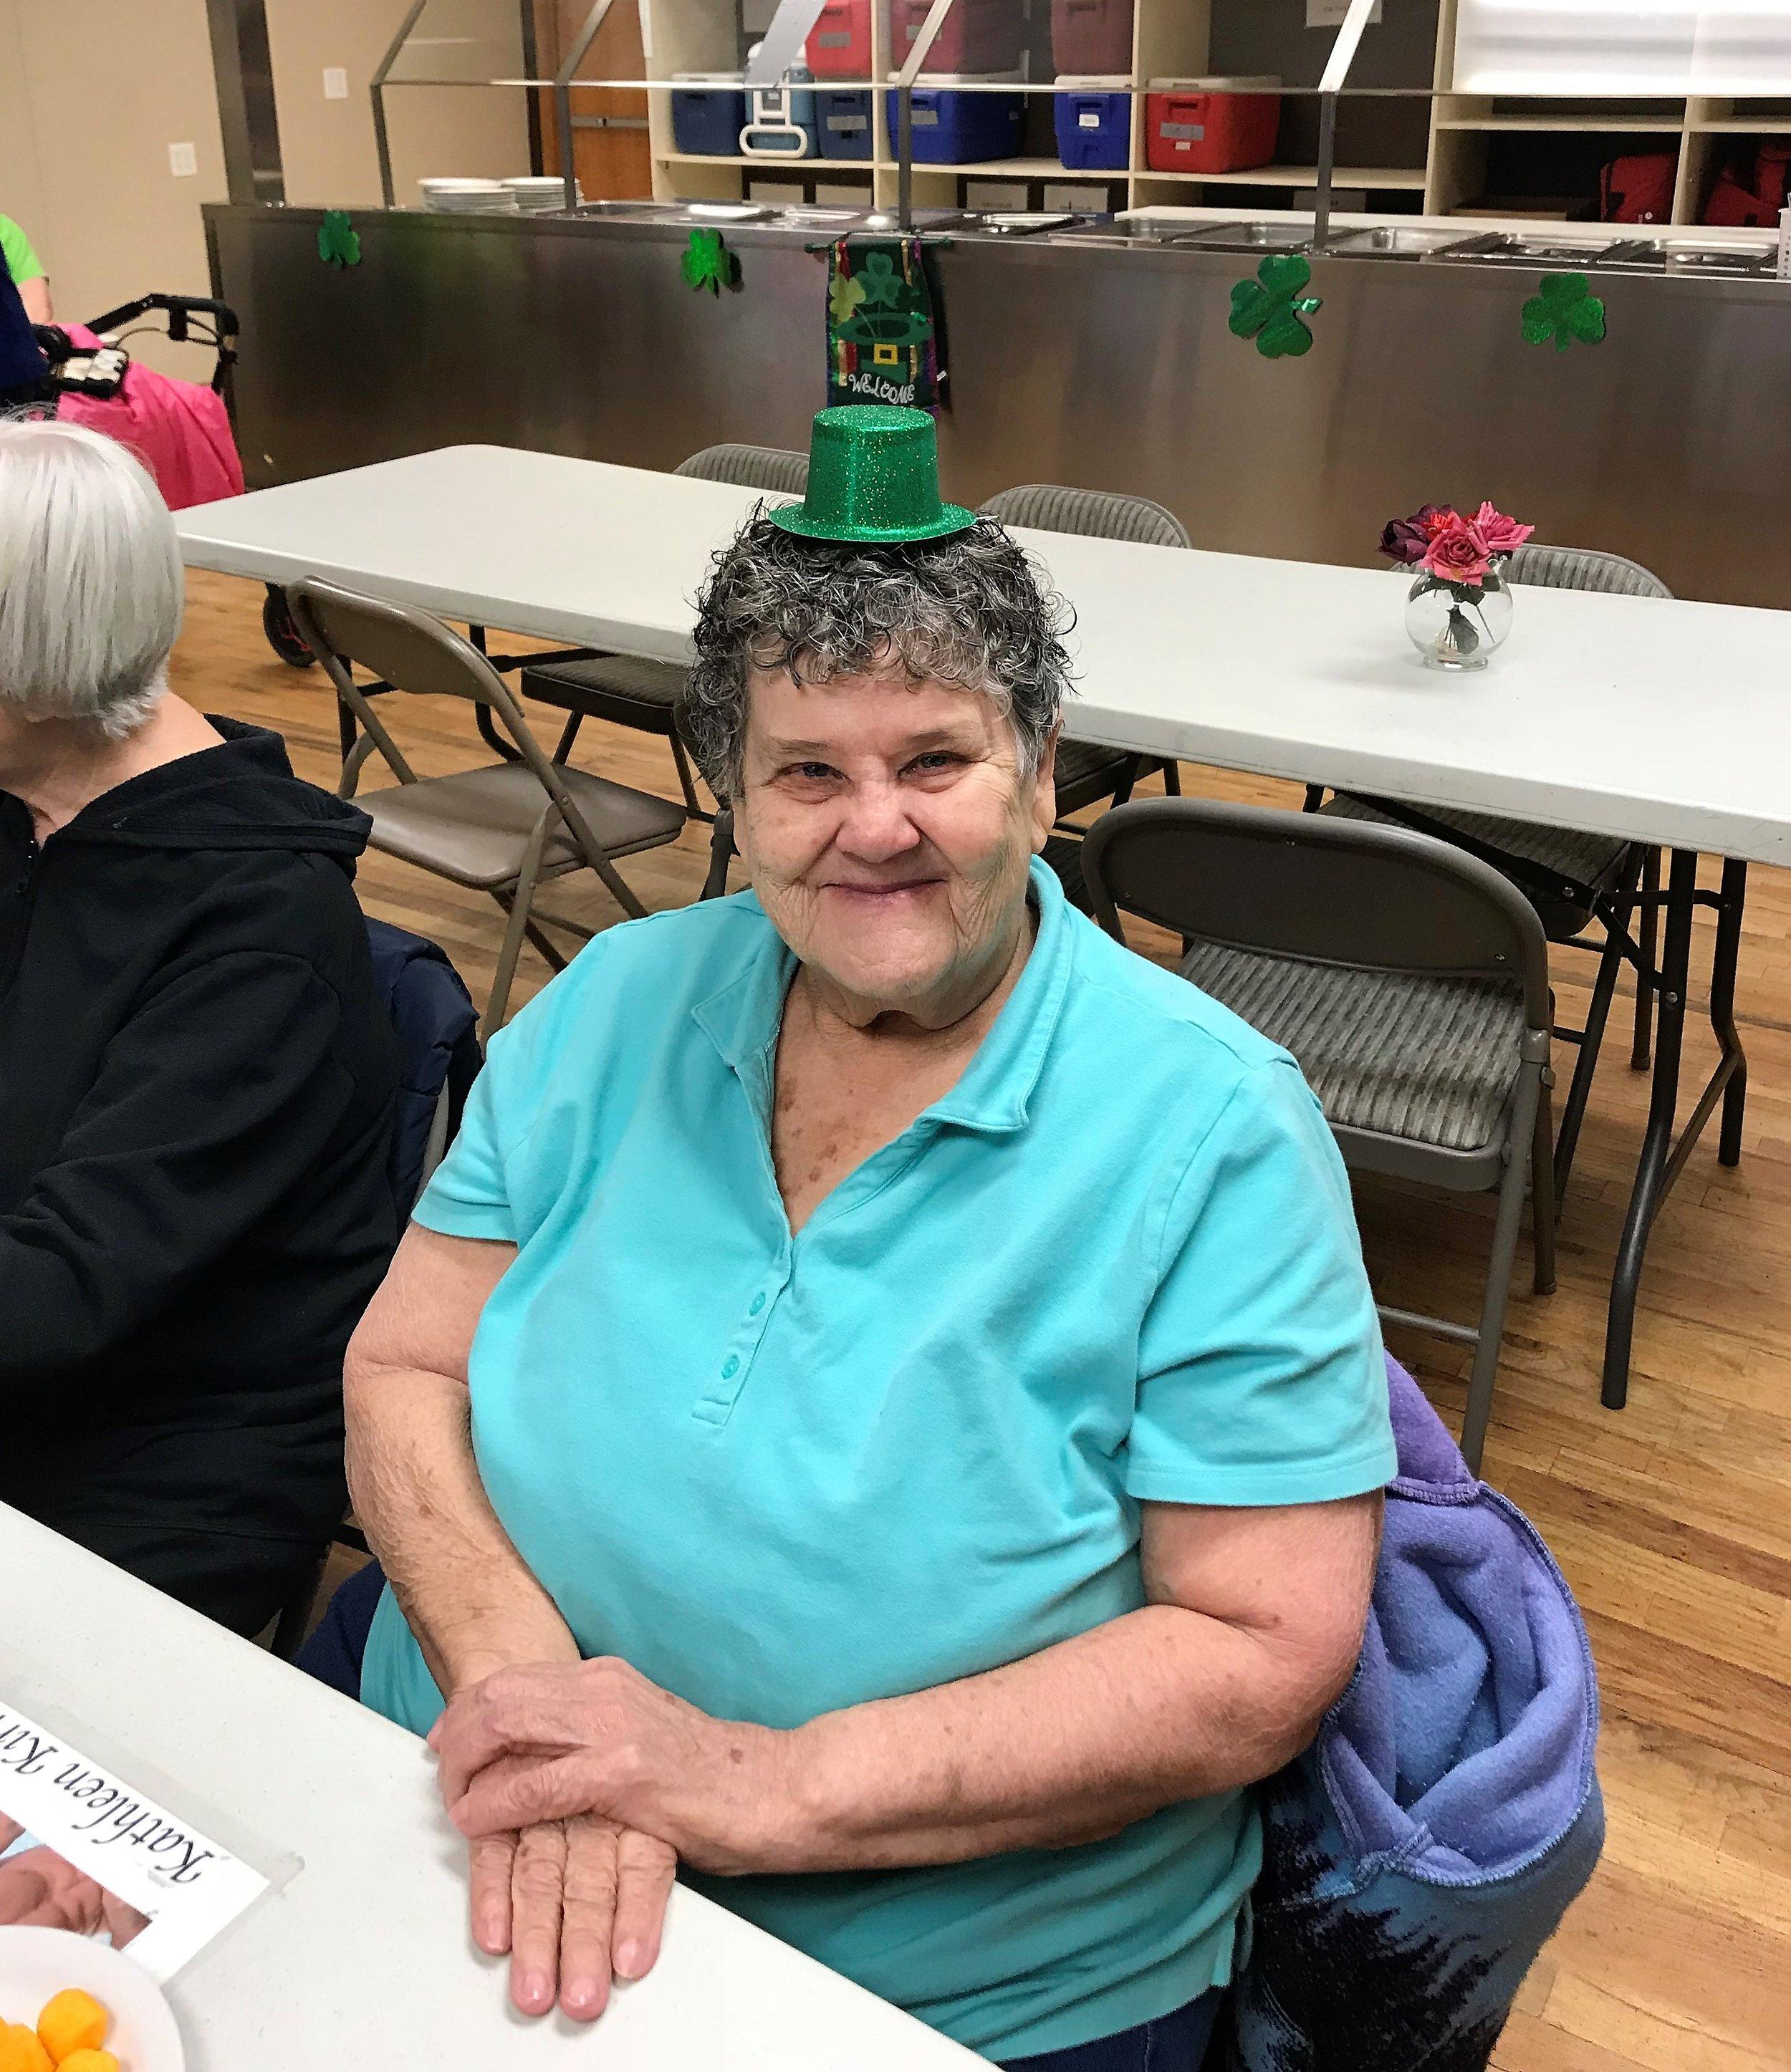 Kathy K. St. Patty_s Day.03.16.18.jpg